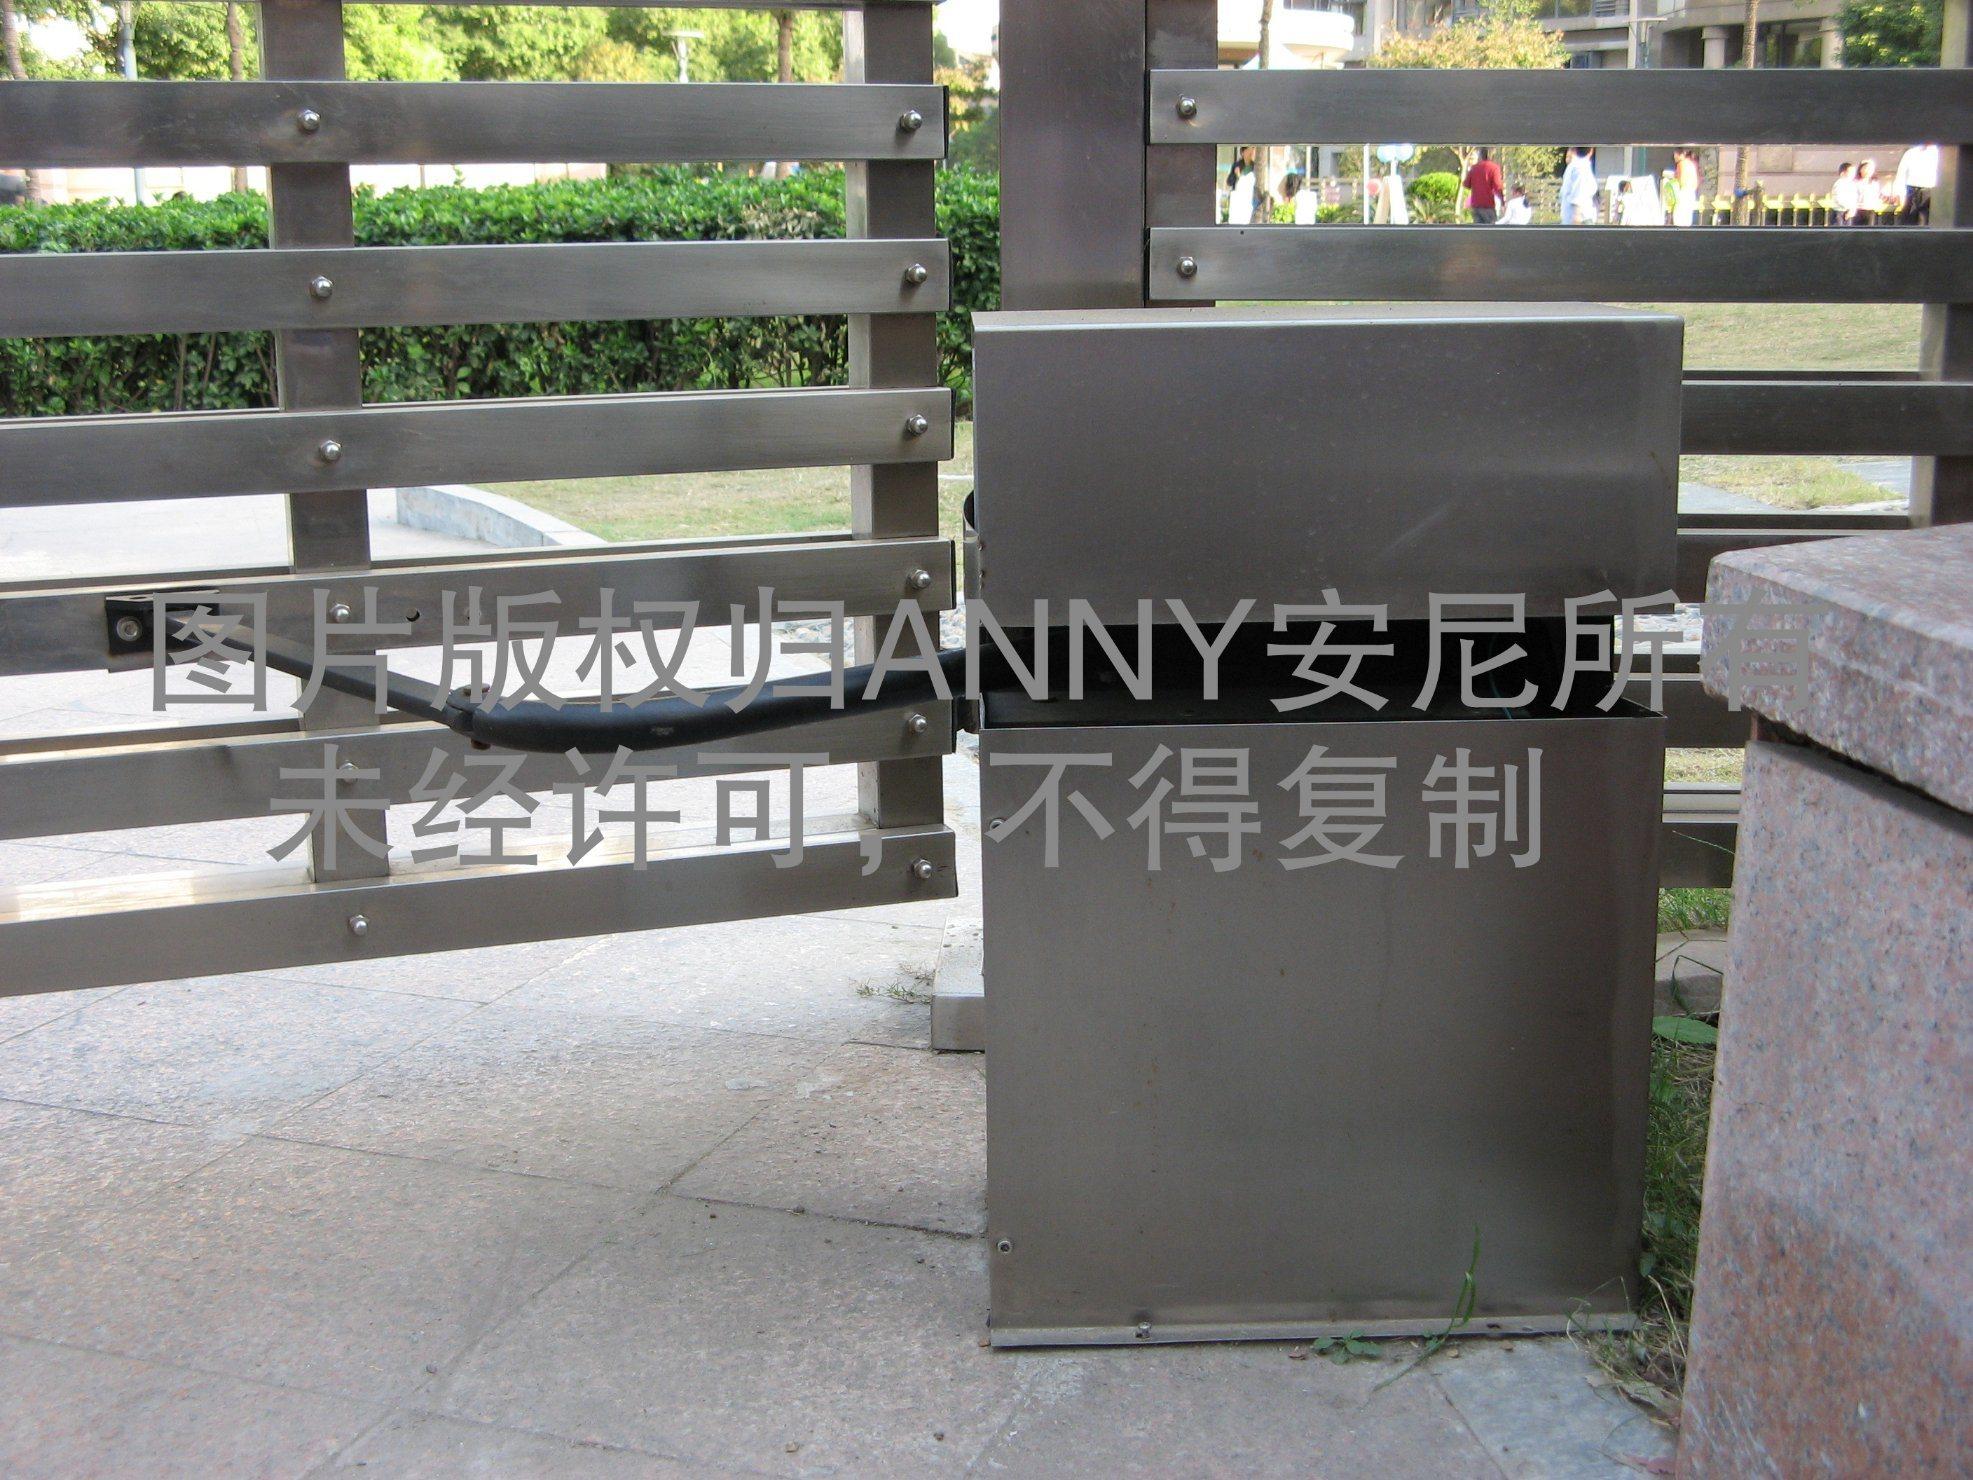 Anny 1802f01 Gate Opener/ Gate Operator / Door Opener / Door Operator